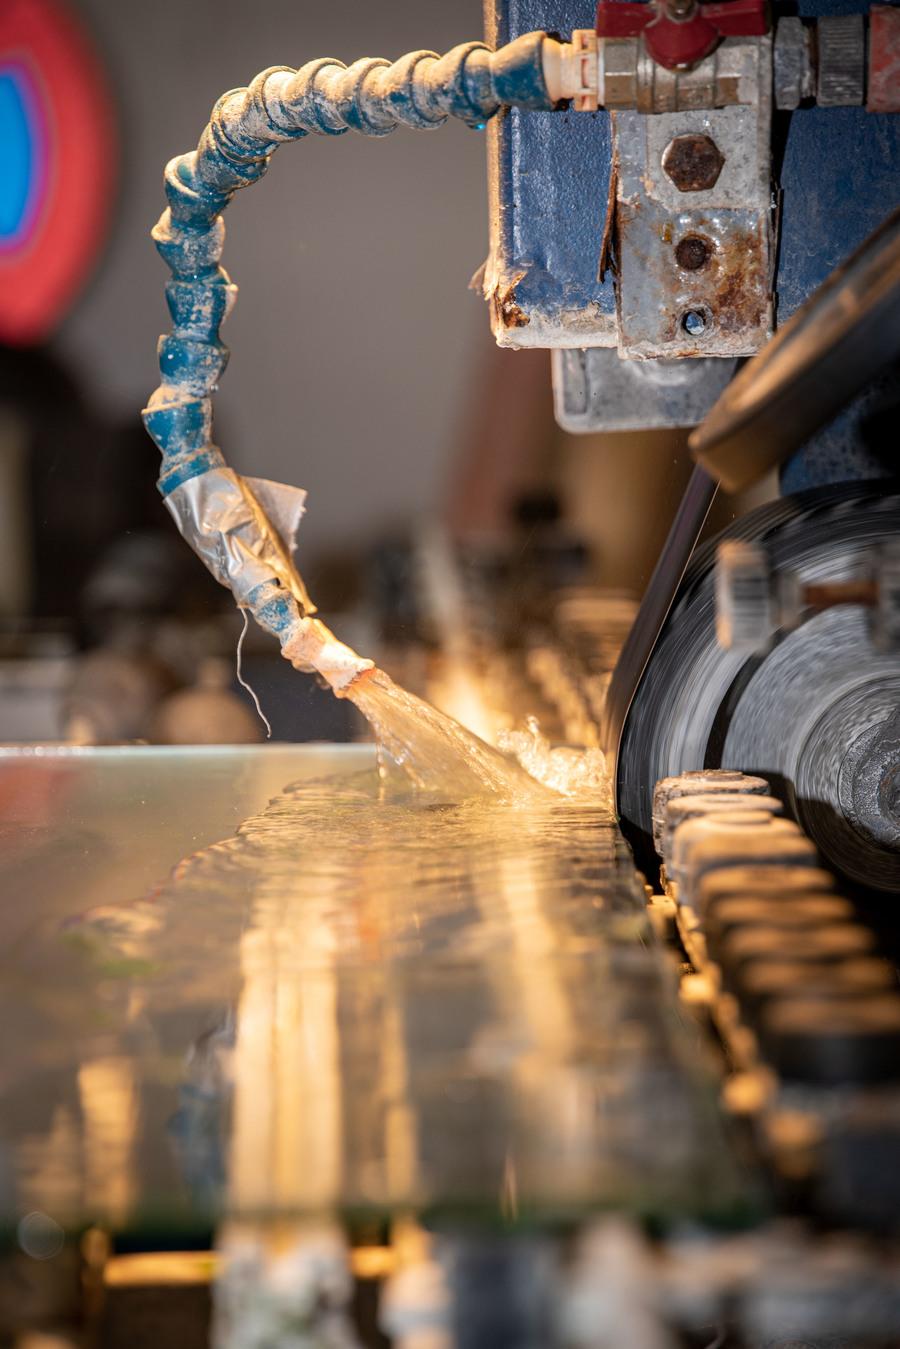 Machine die water spuit op glas ter afkoeling